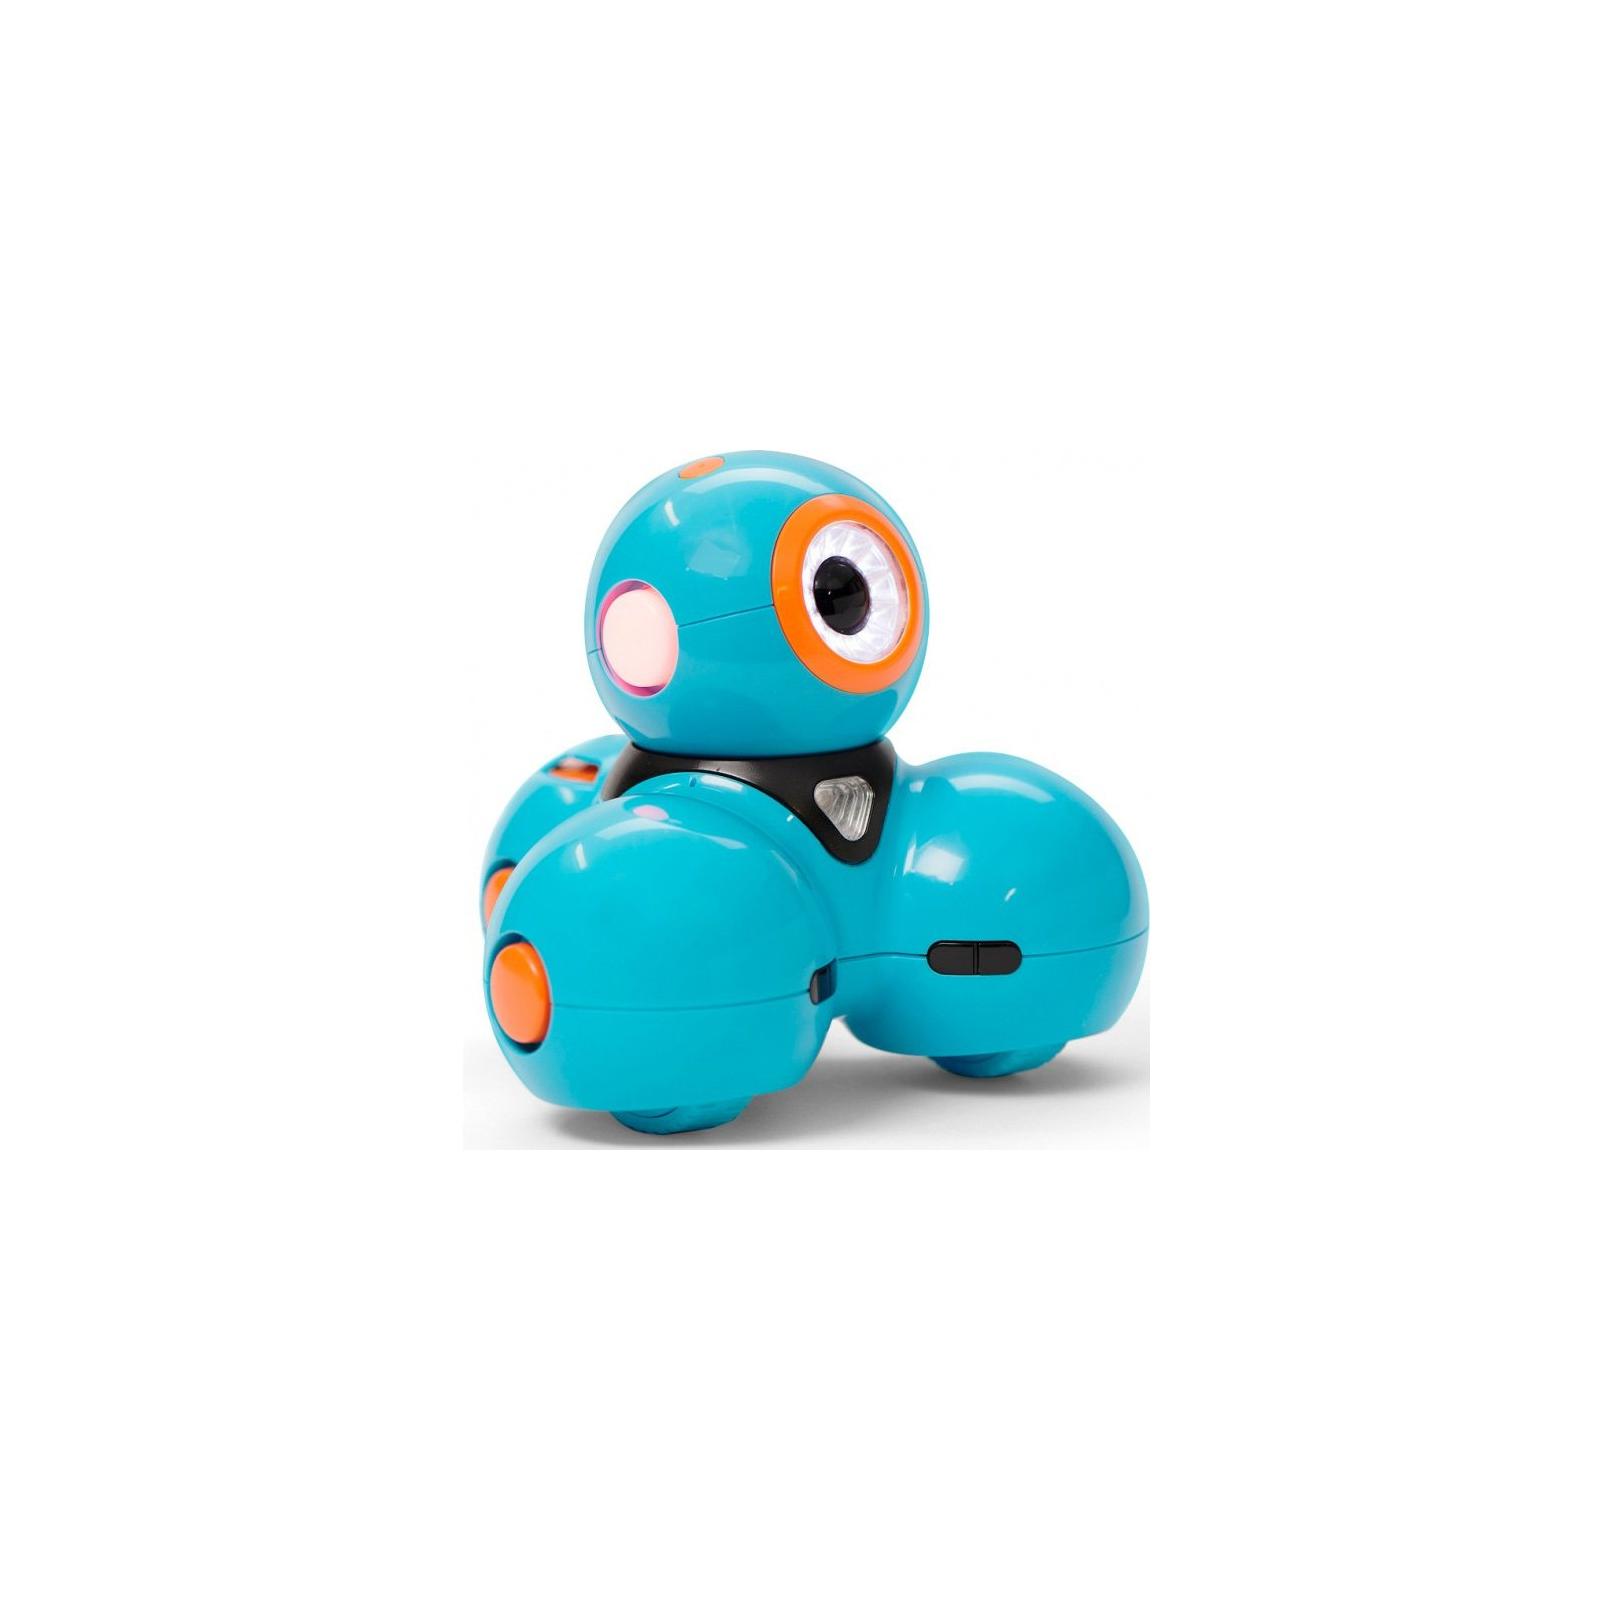 Робот Wonder Workshop Dash (1-DA01-05) изображение 3